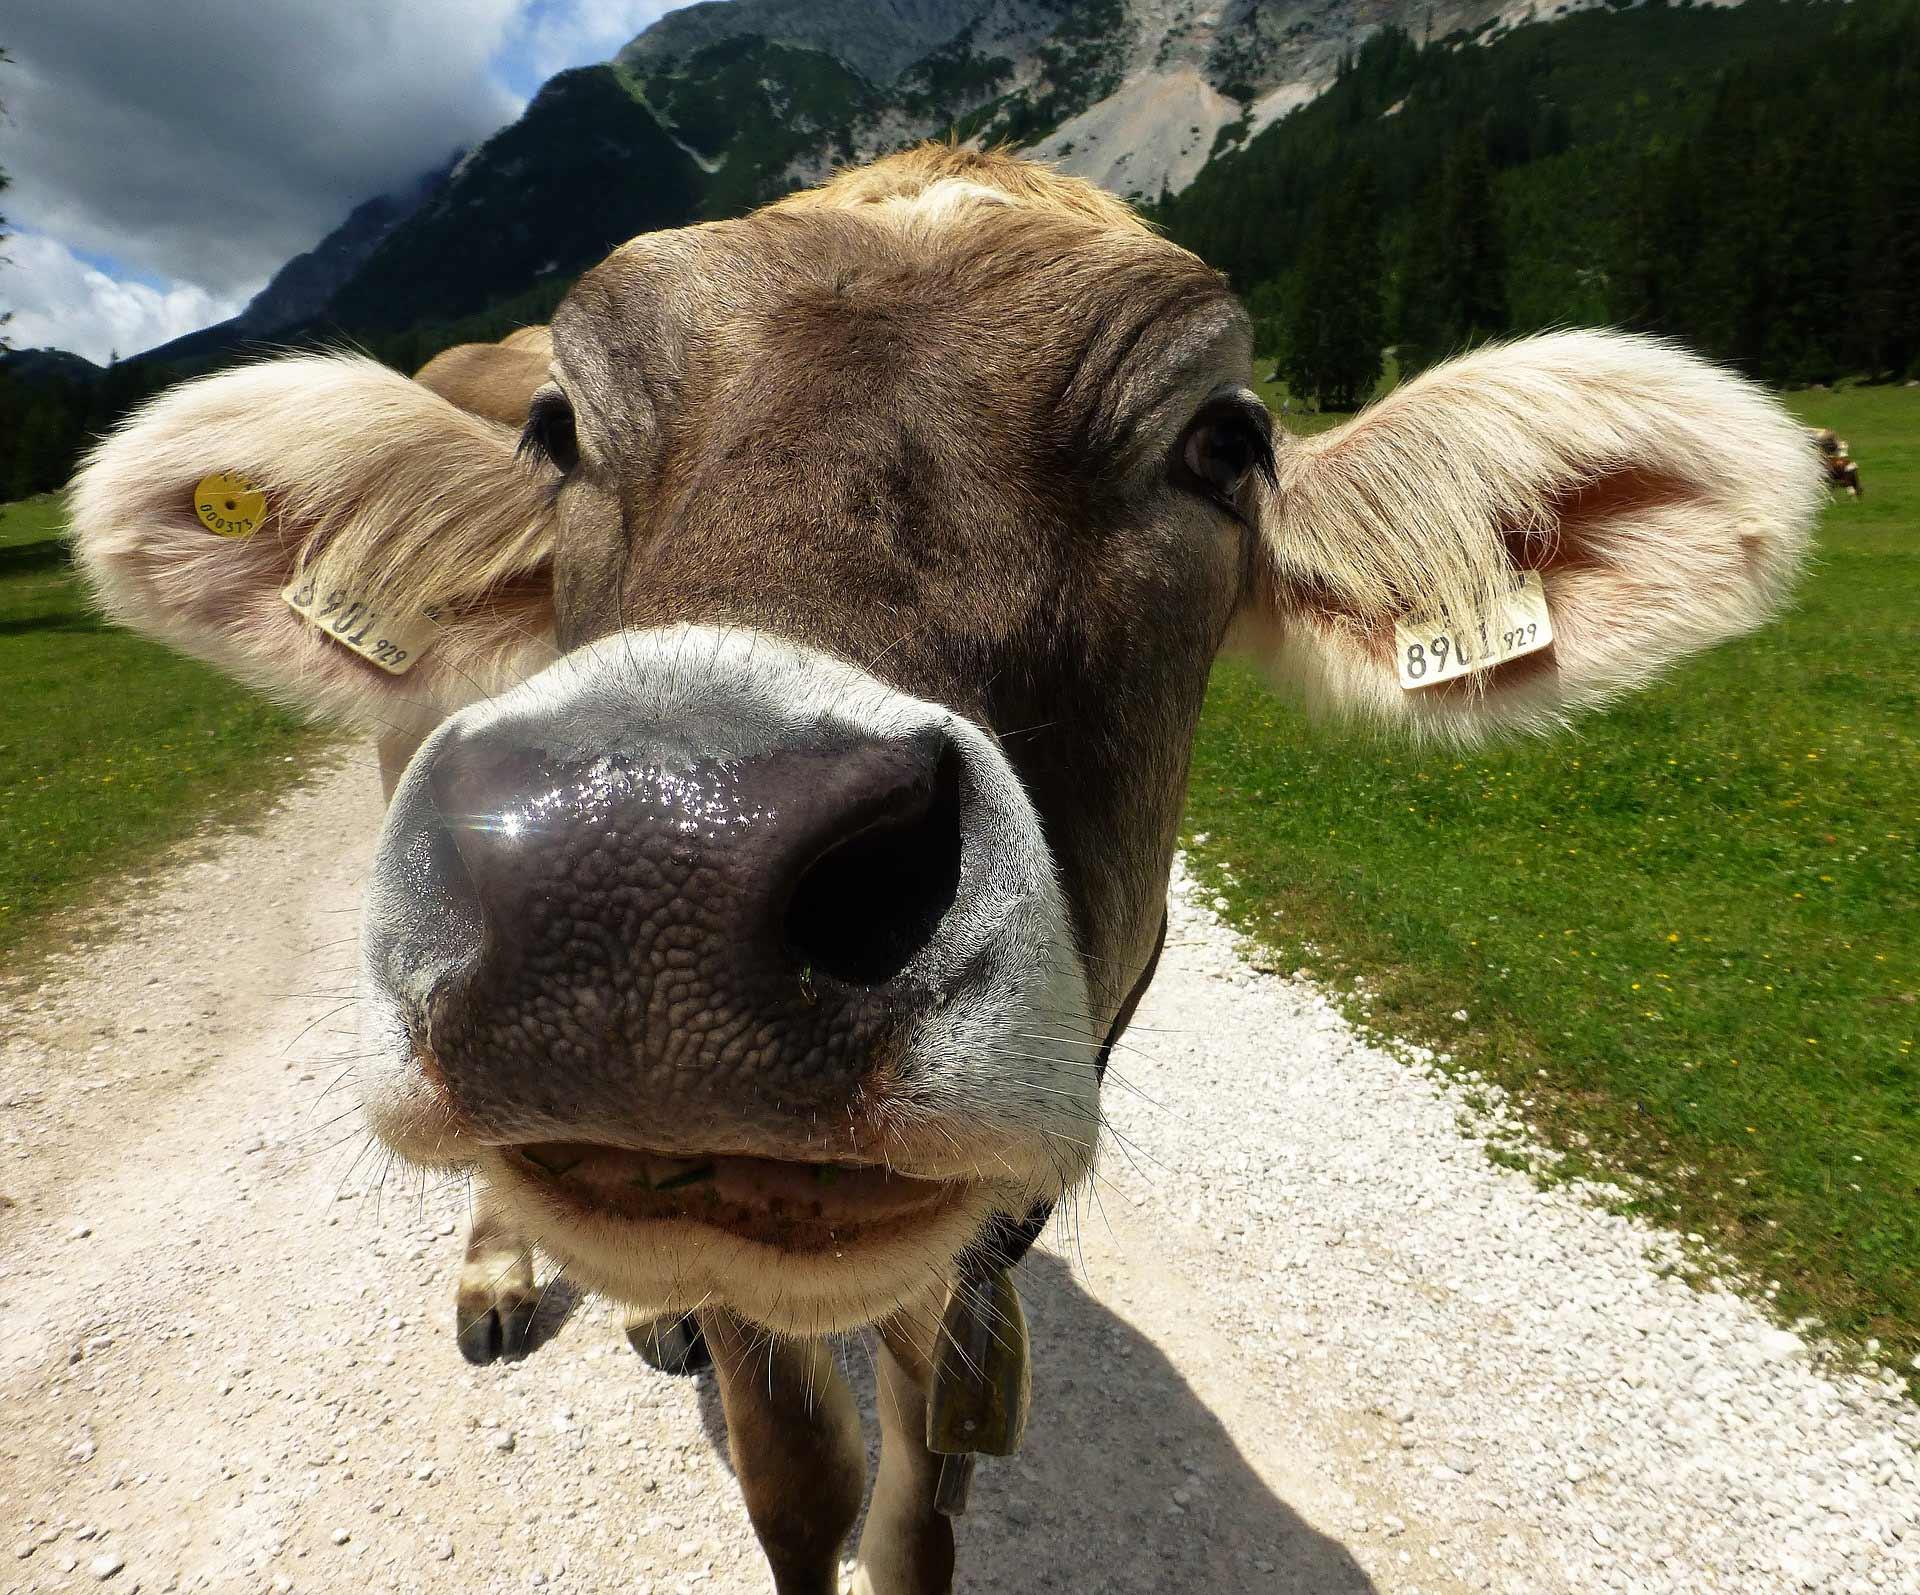 Latte: 5 bufale, come evitare frustrazioni alimentari